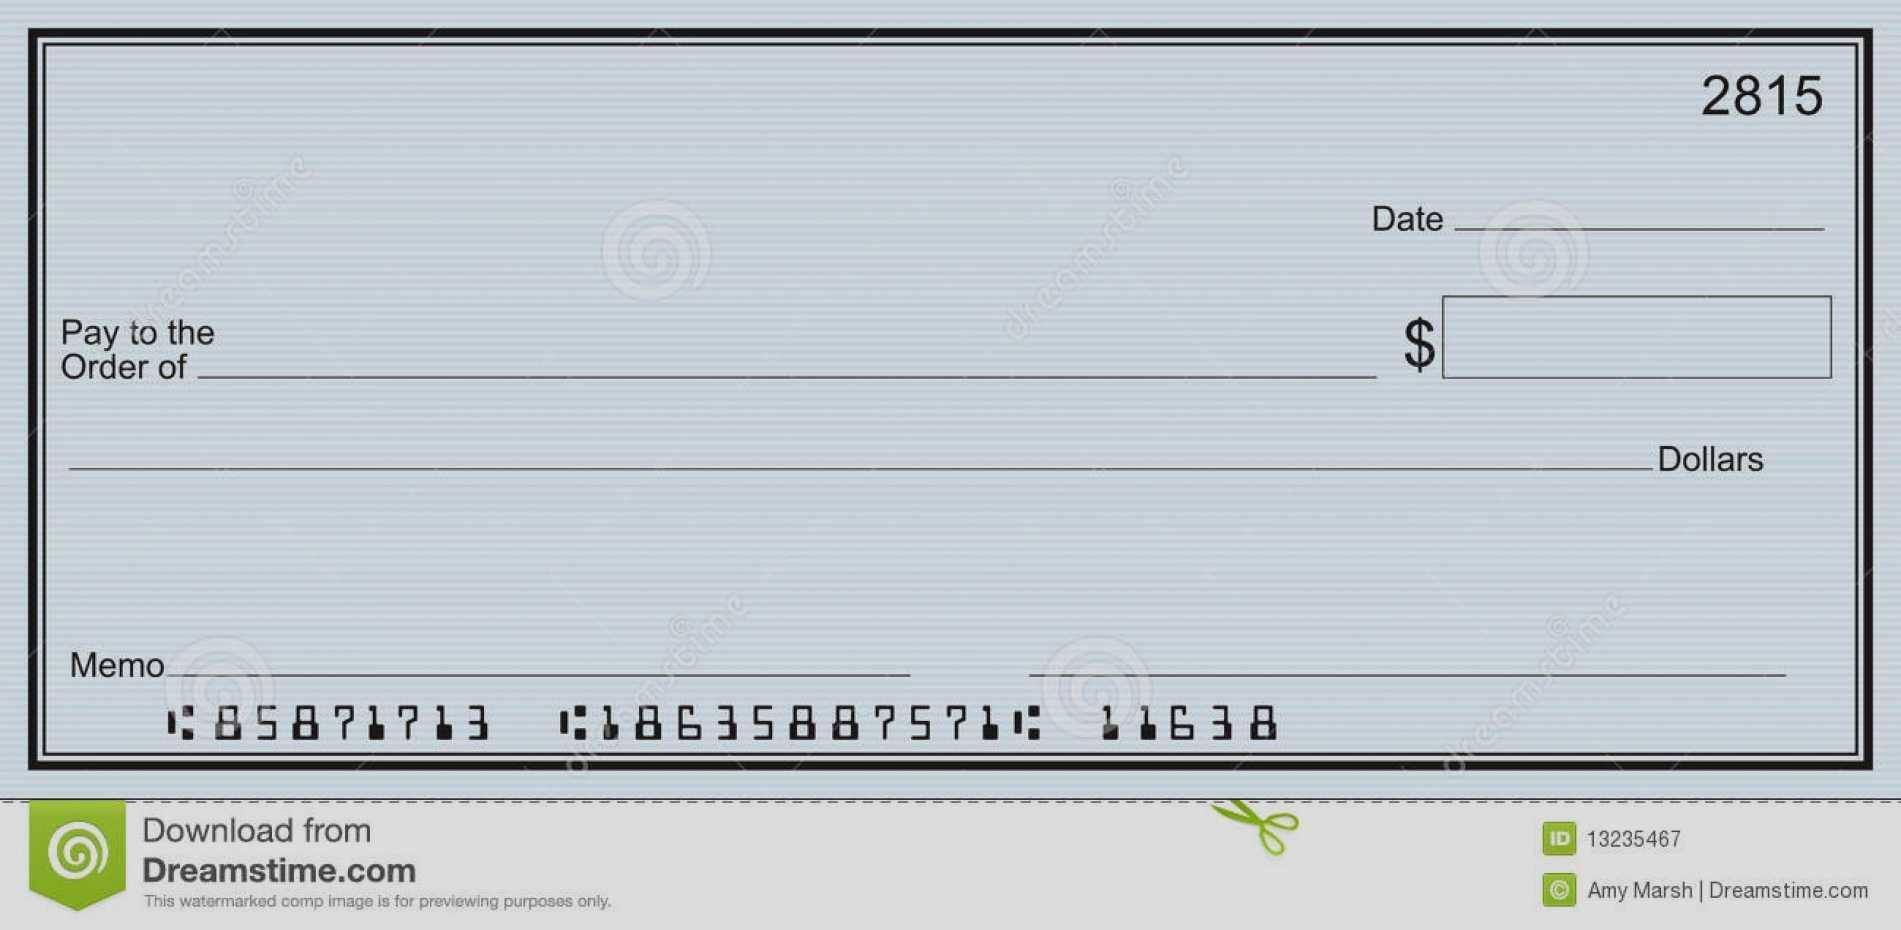 Printable Checks For Inspirational Customizable Blank Check For Customizable Blank Check Template